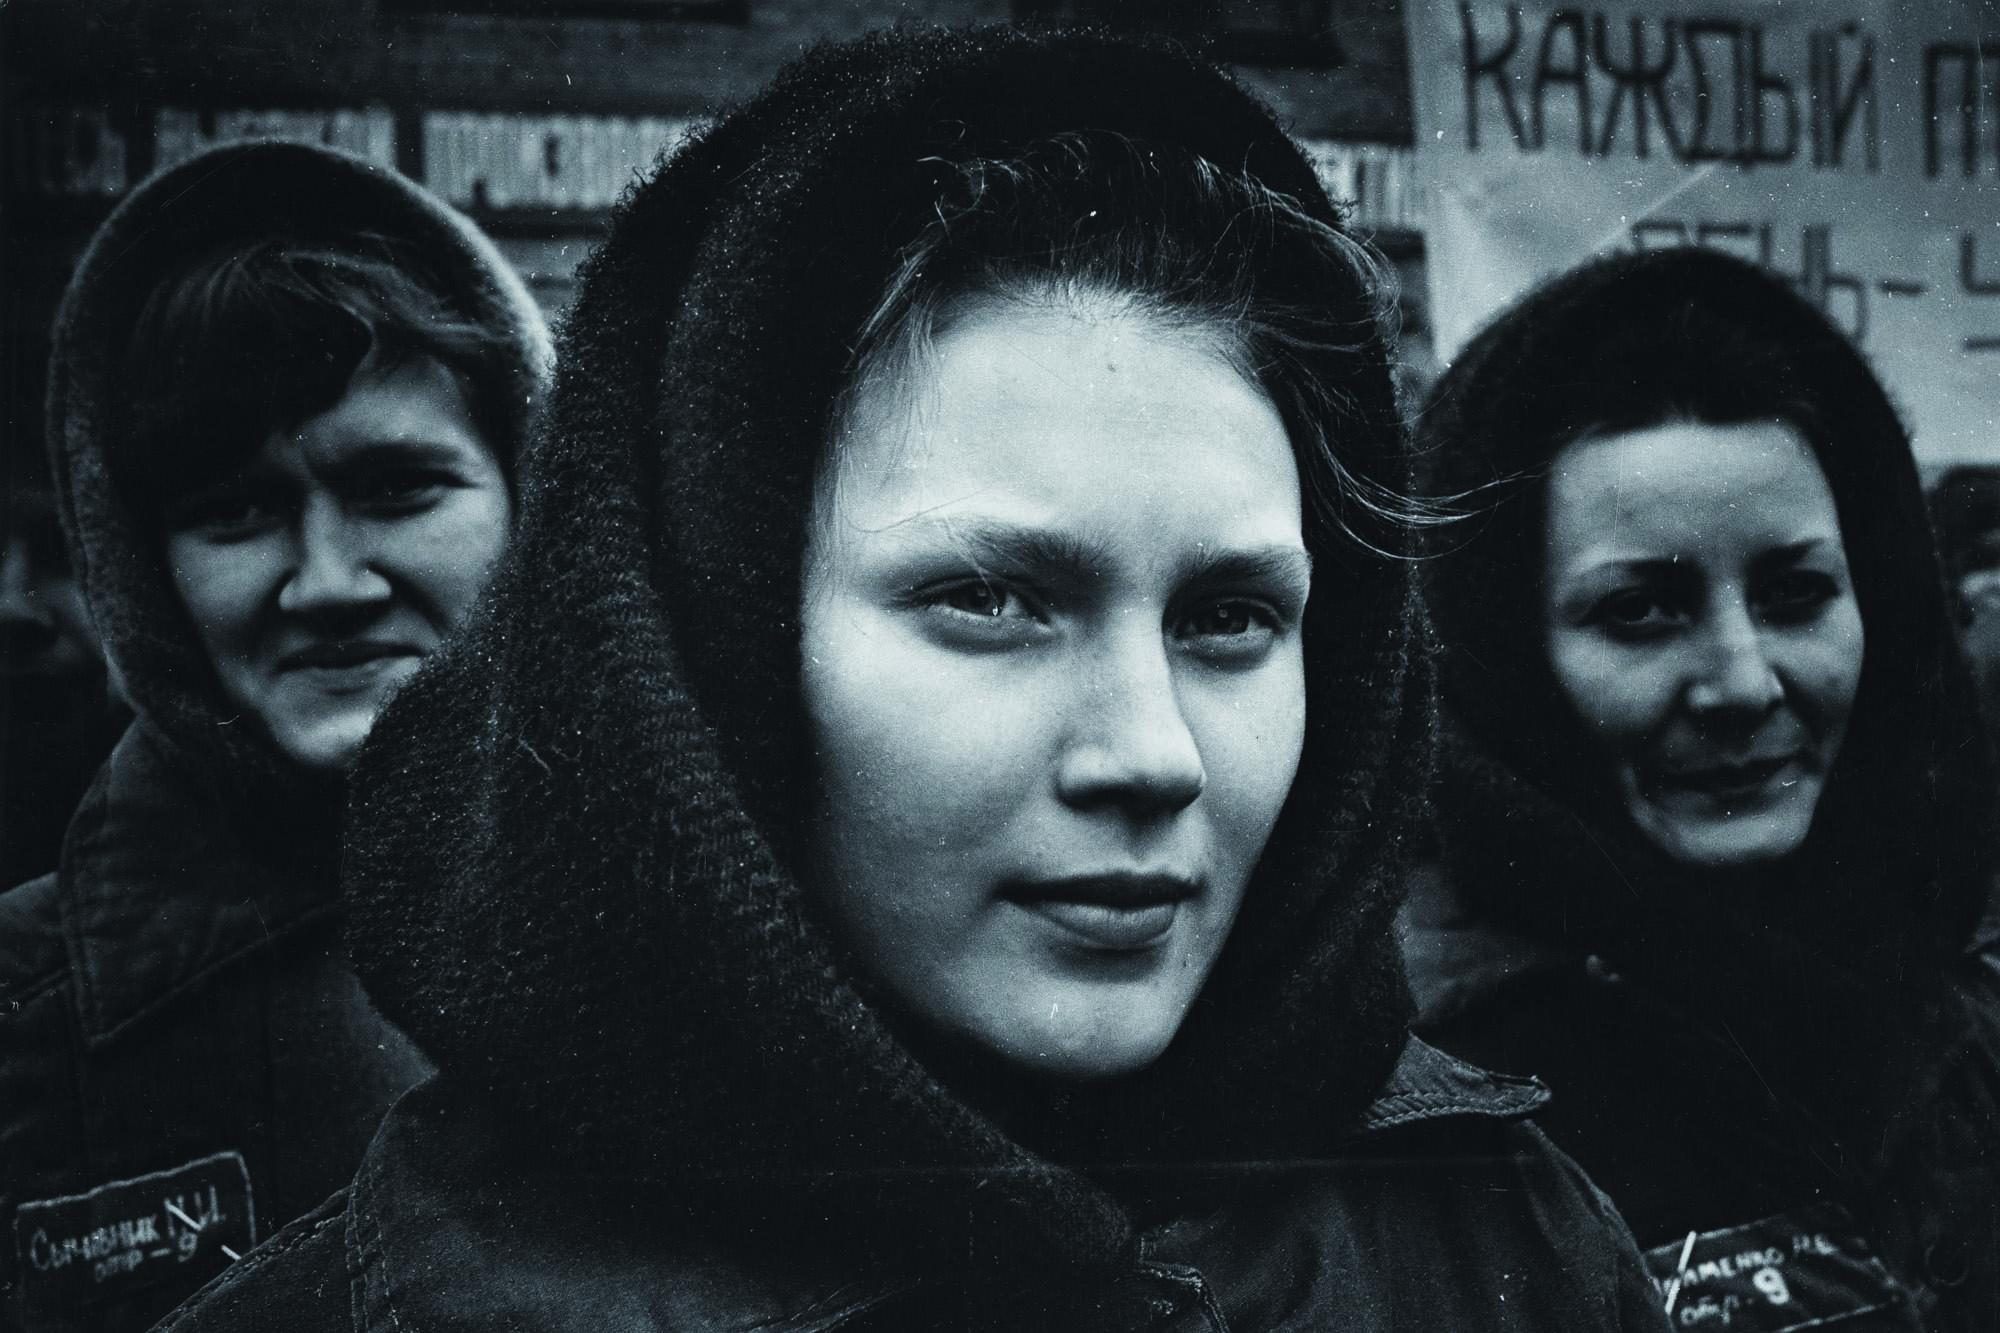 La Russia del disgelo attraverso gli occhi del fotoreporter Sergej Vasilief. A Firenze